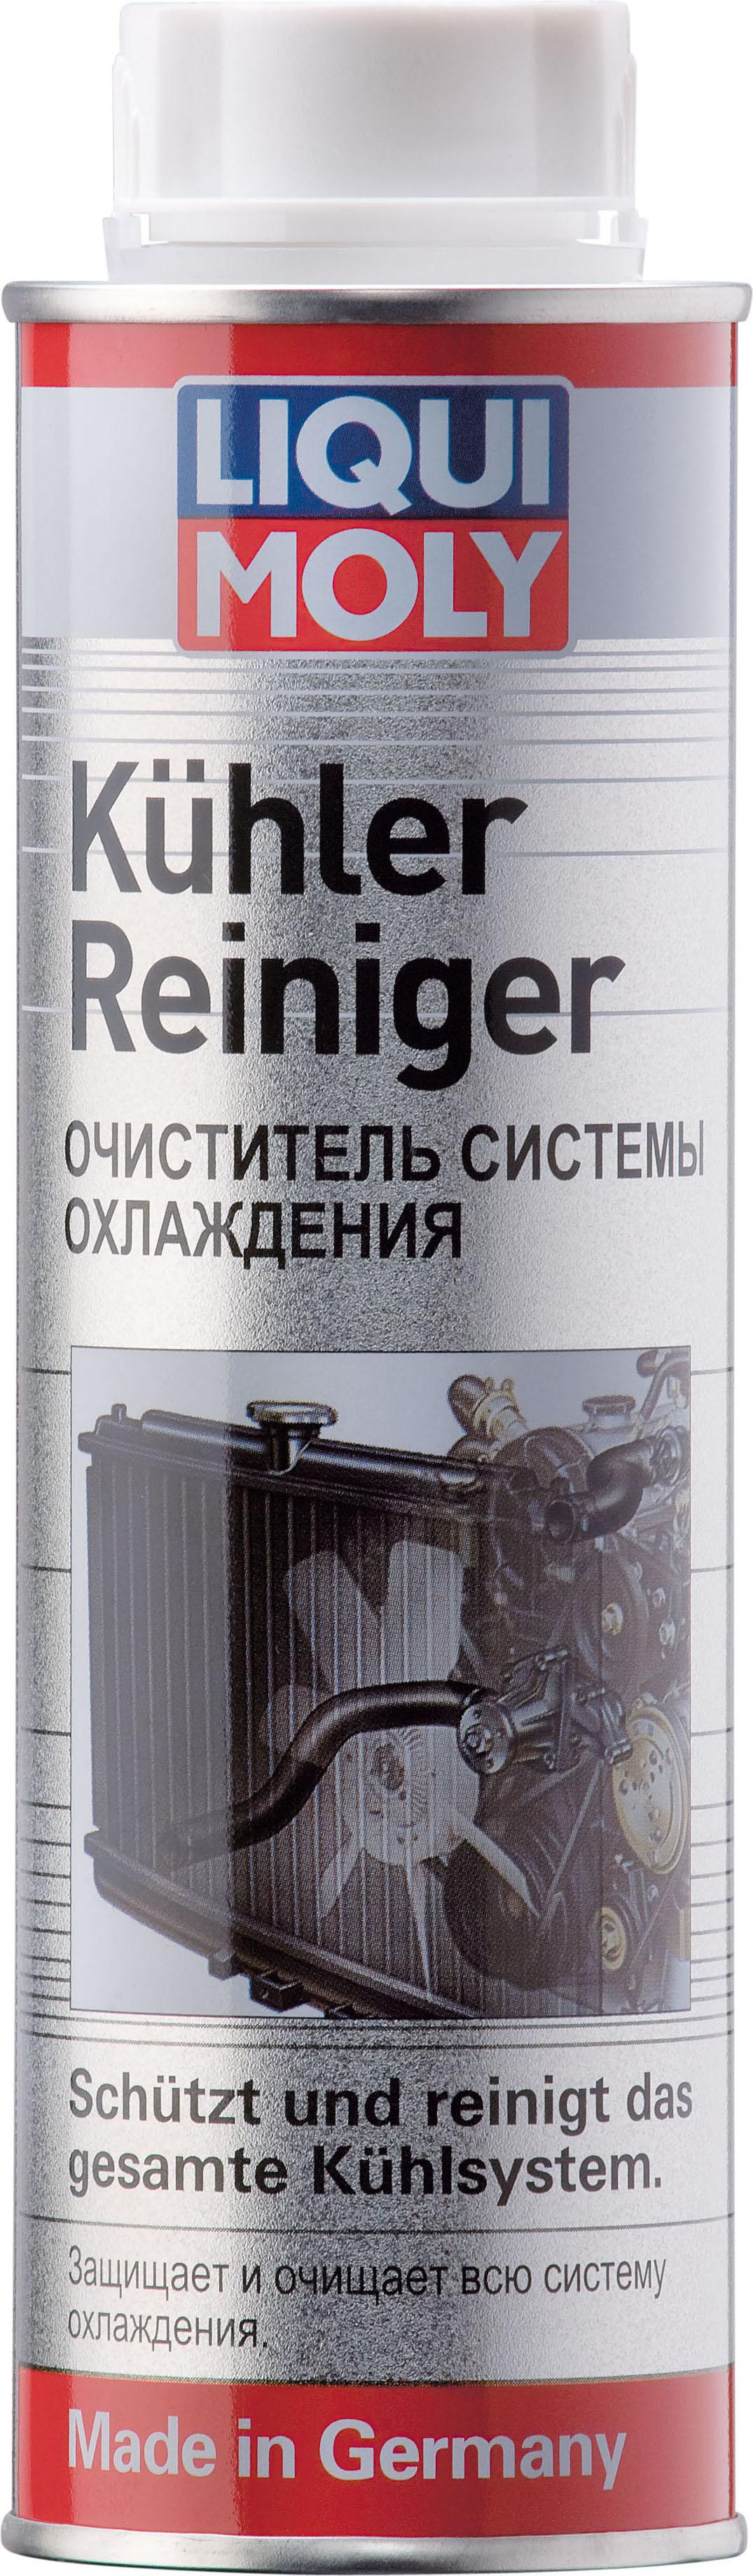 Очиститель системы охлаждения Kuhler-Reiniger